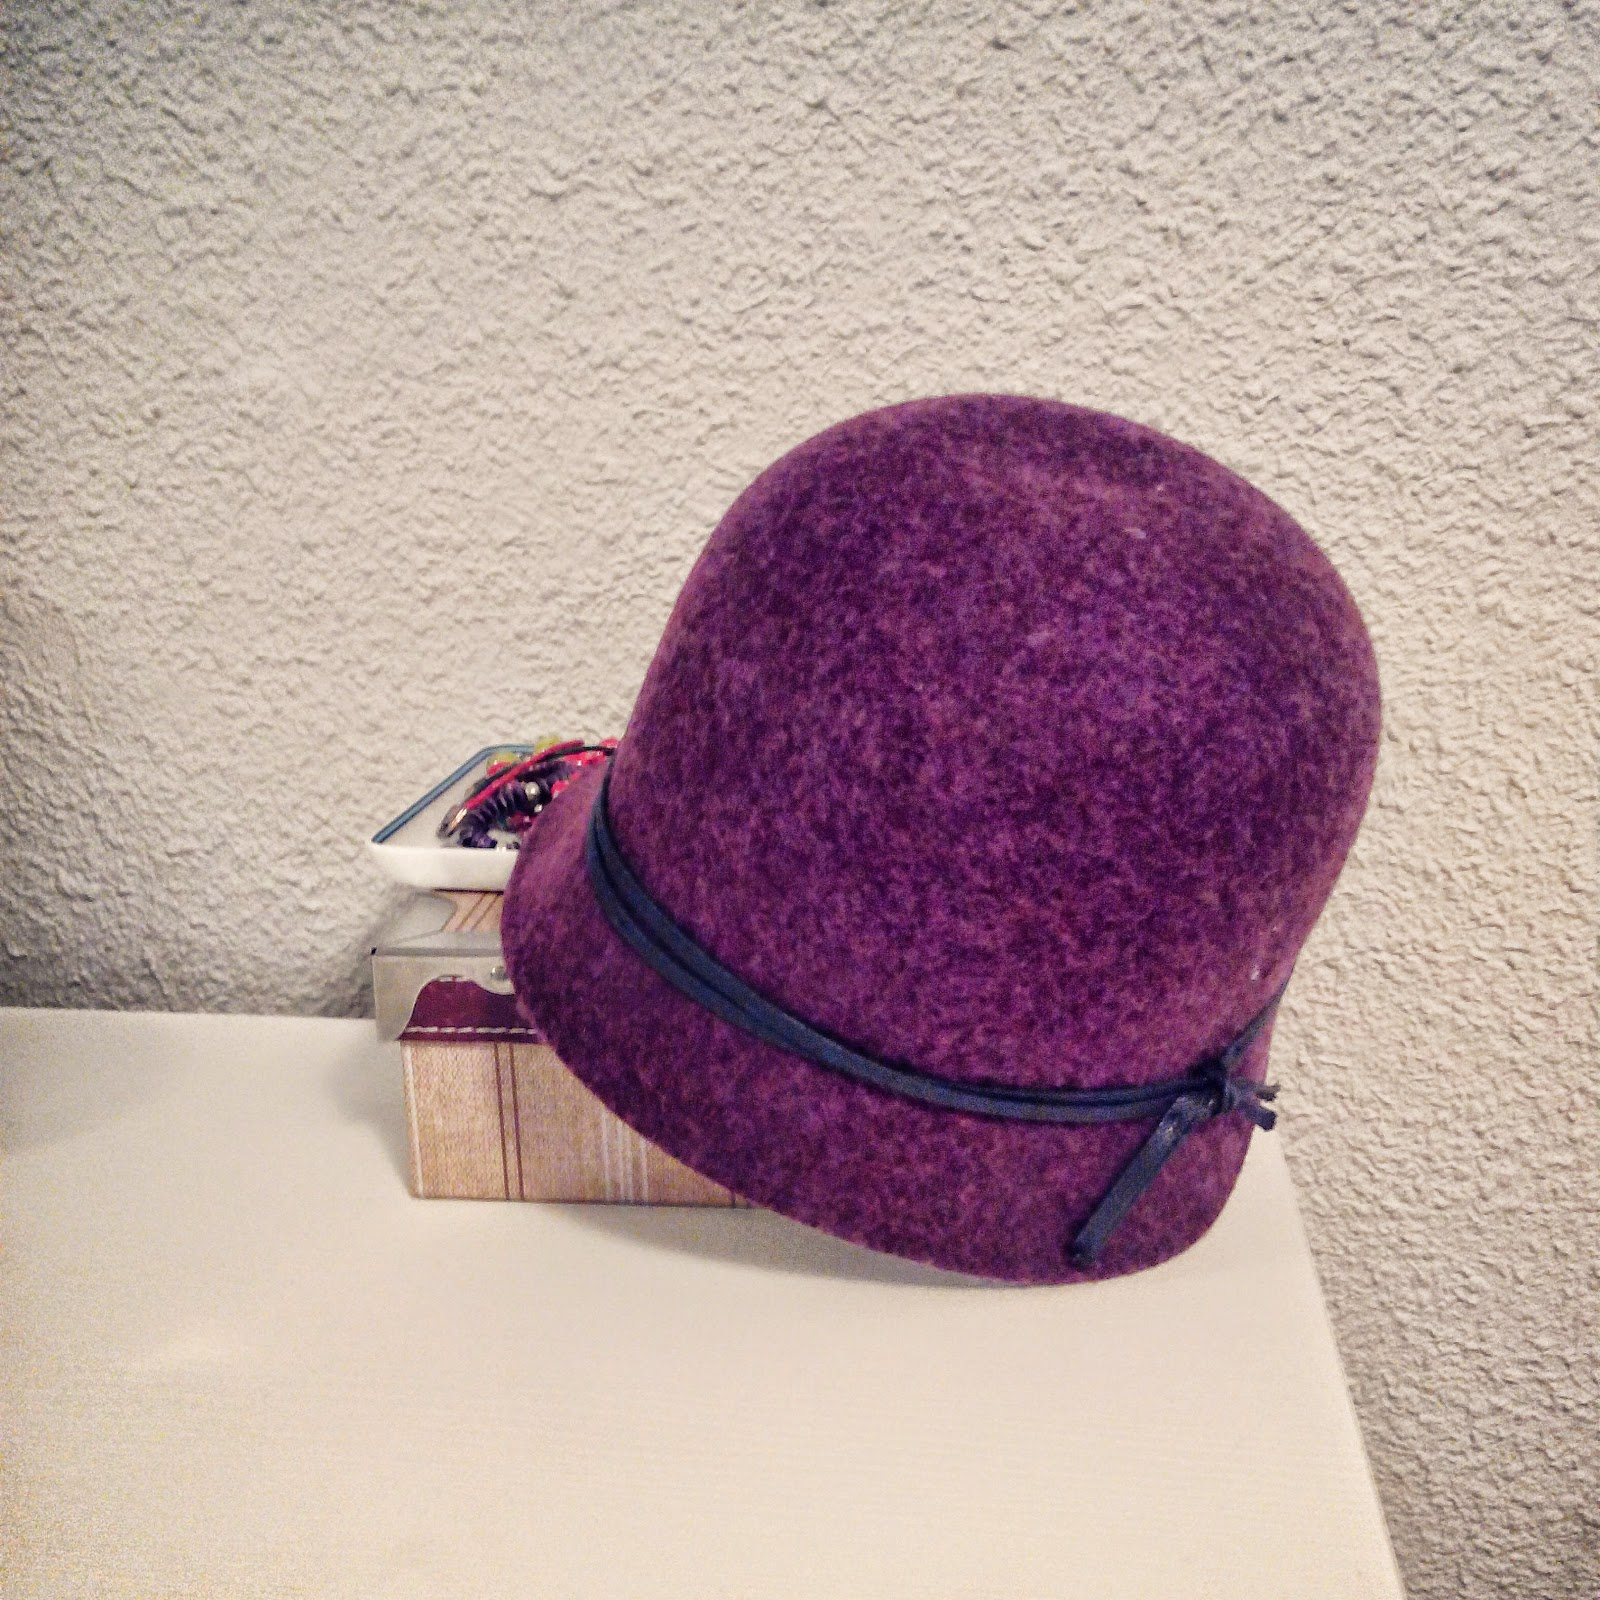 Gorros y sombreros de invierno